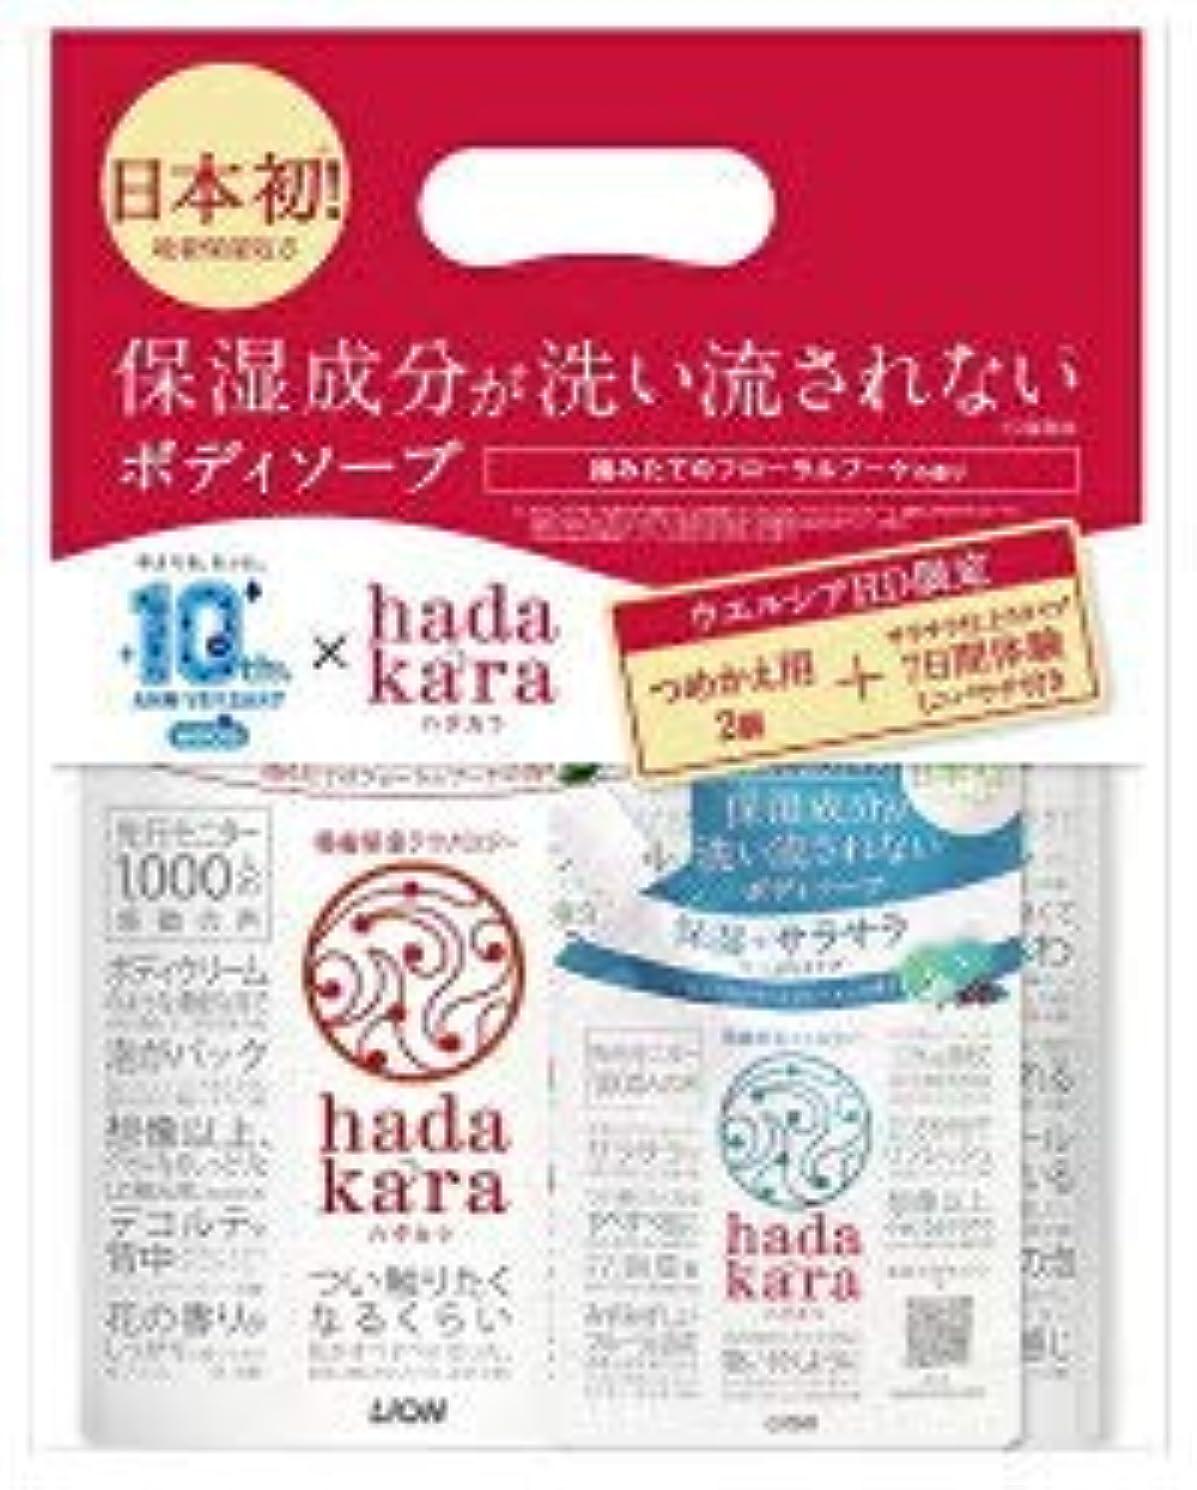 猫背遮る汚染ライオン hadakara フローラルブーケの香り 詰替 2個パック+ミニパウチ ボディソープ 6個セット